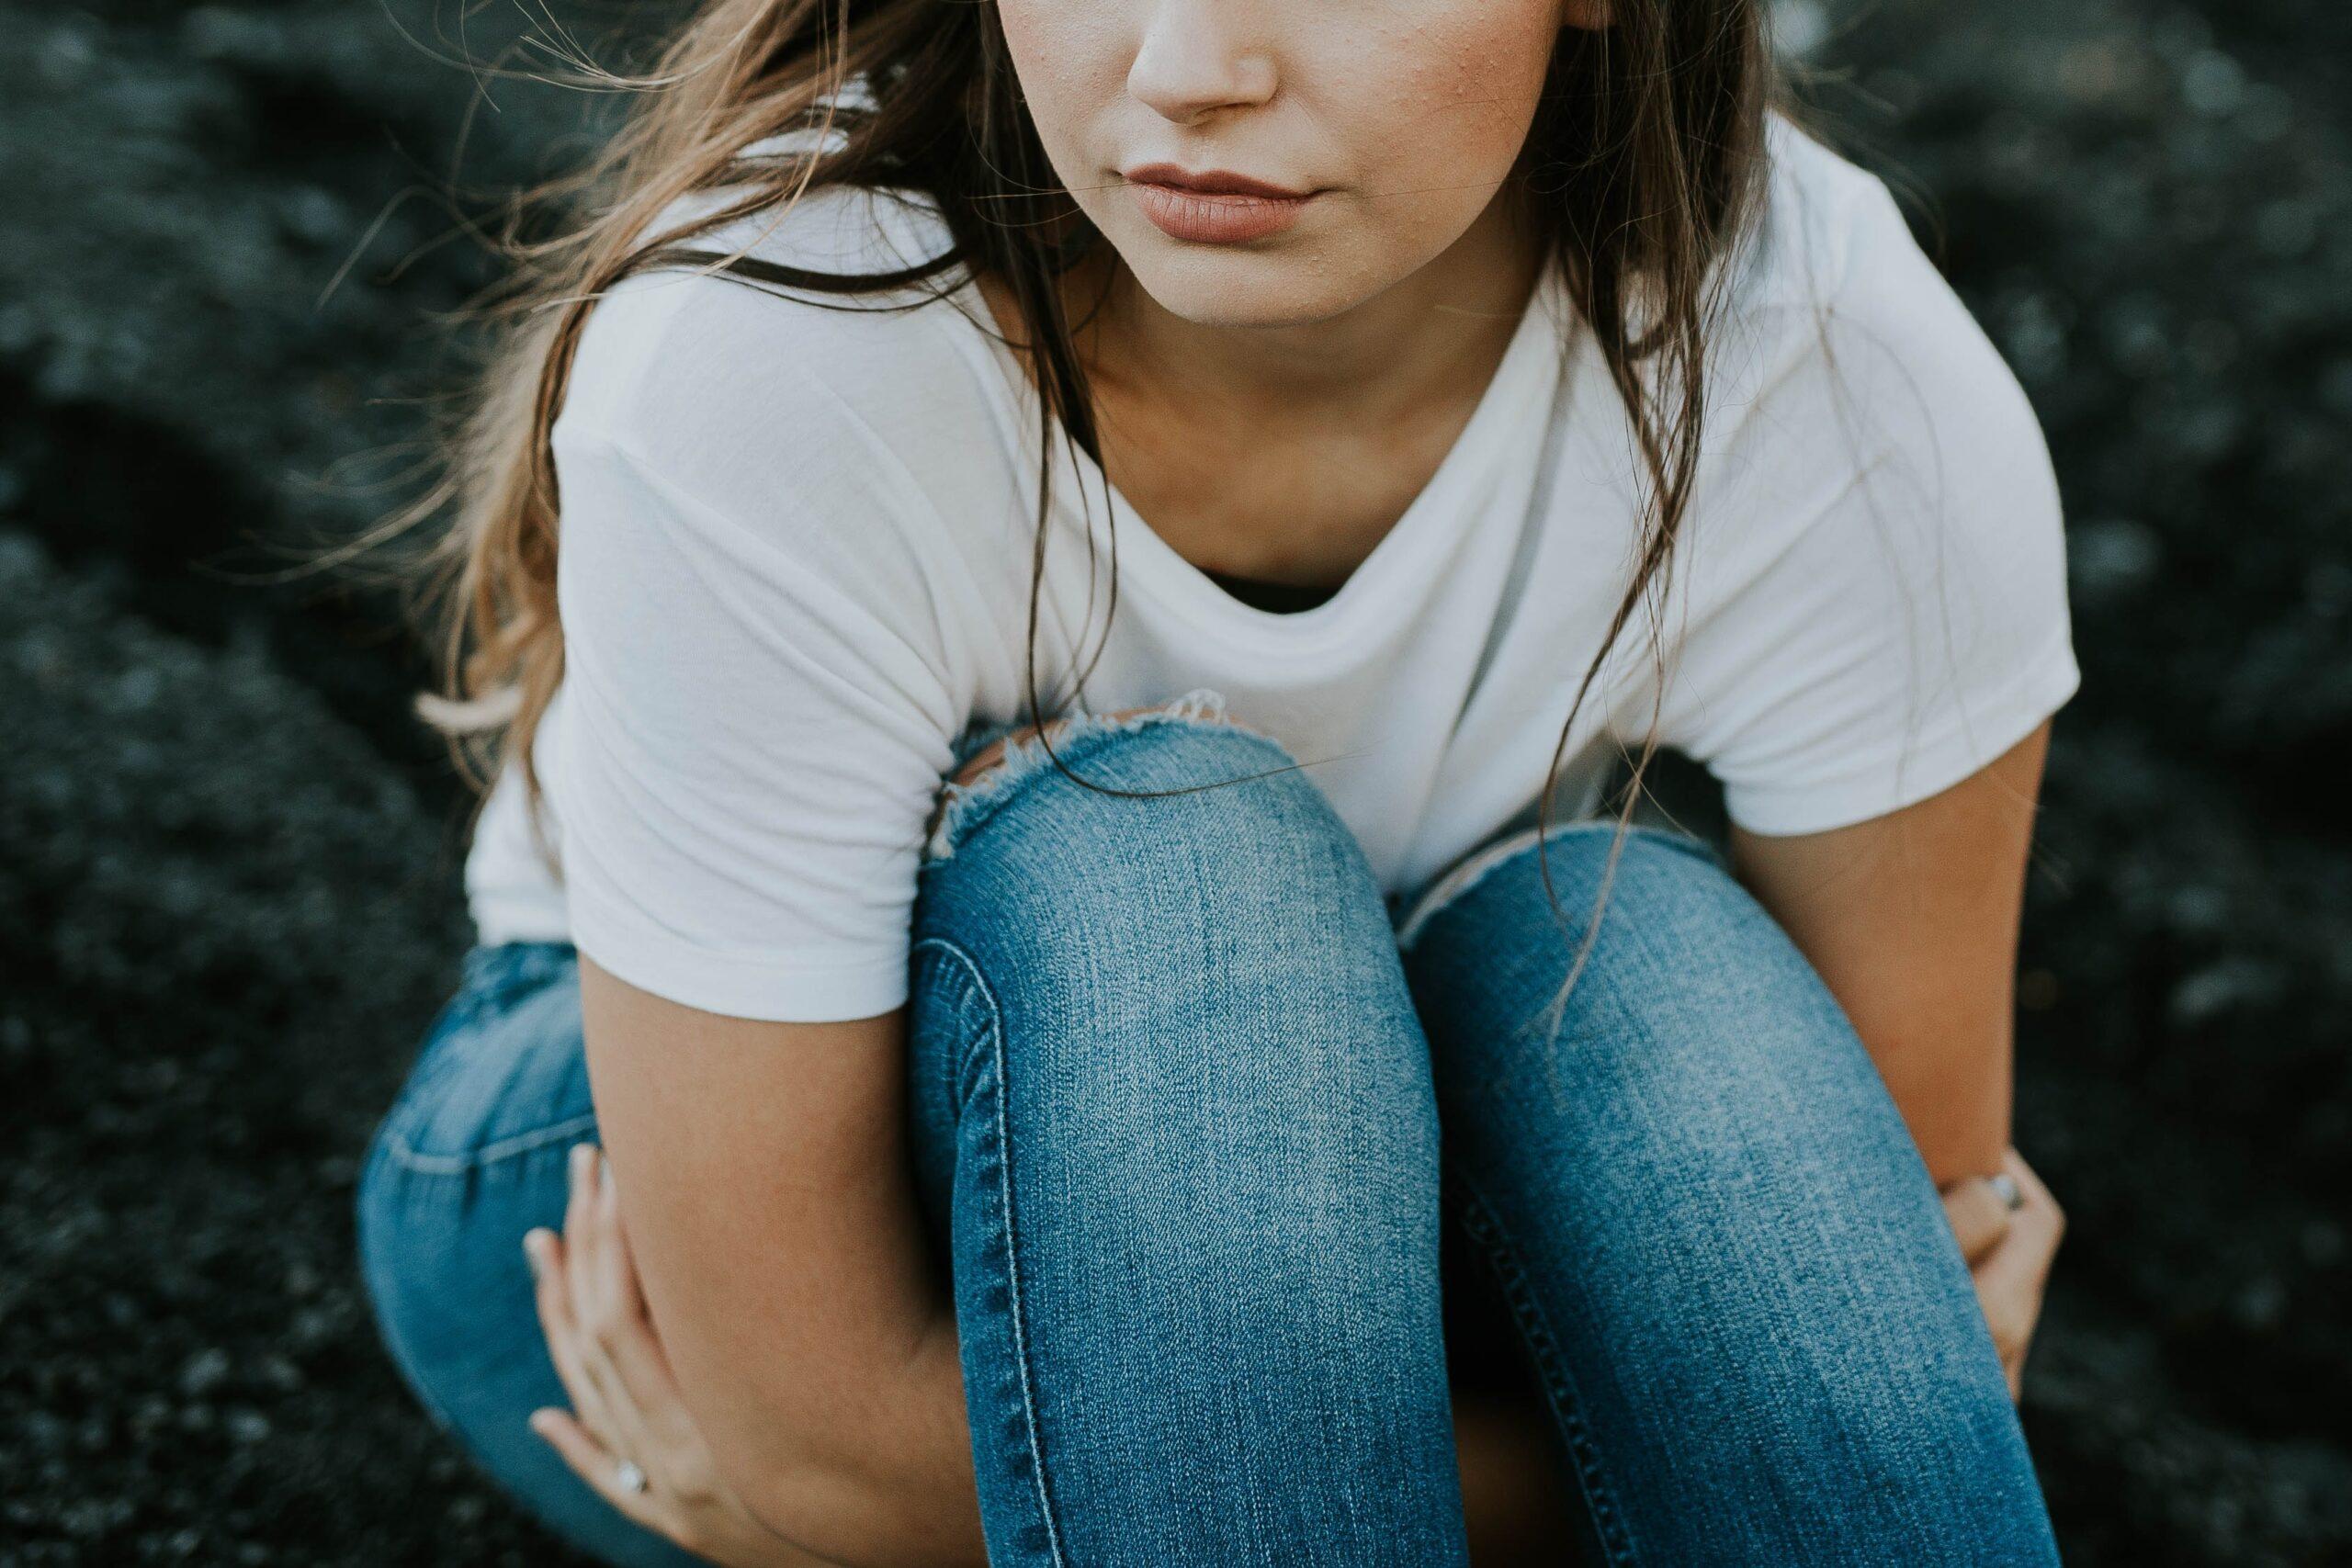 Jak wykonać samobadanie piersi?